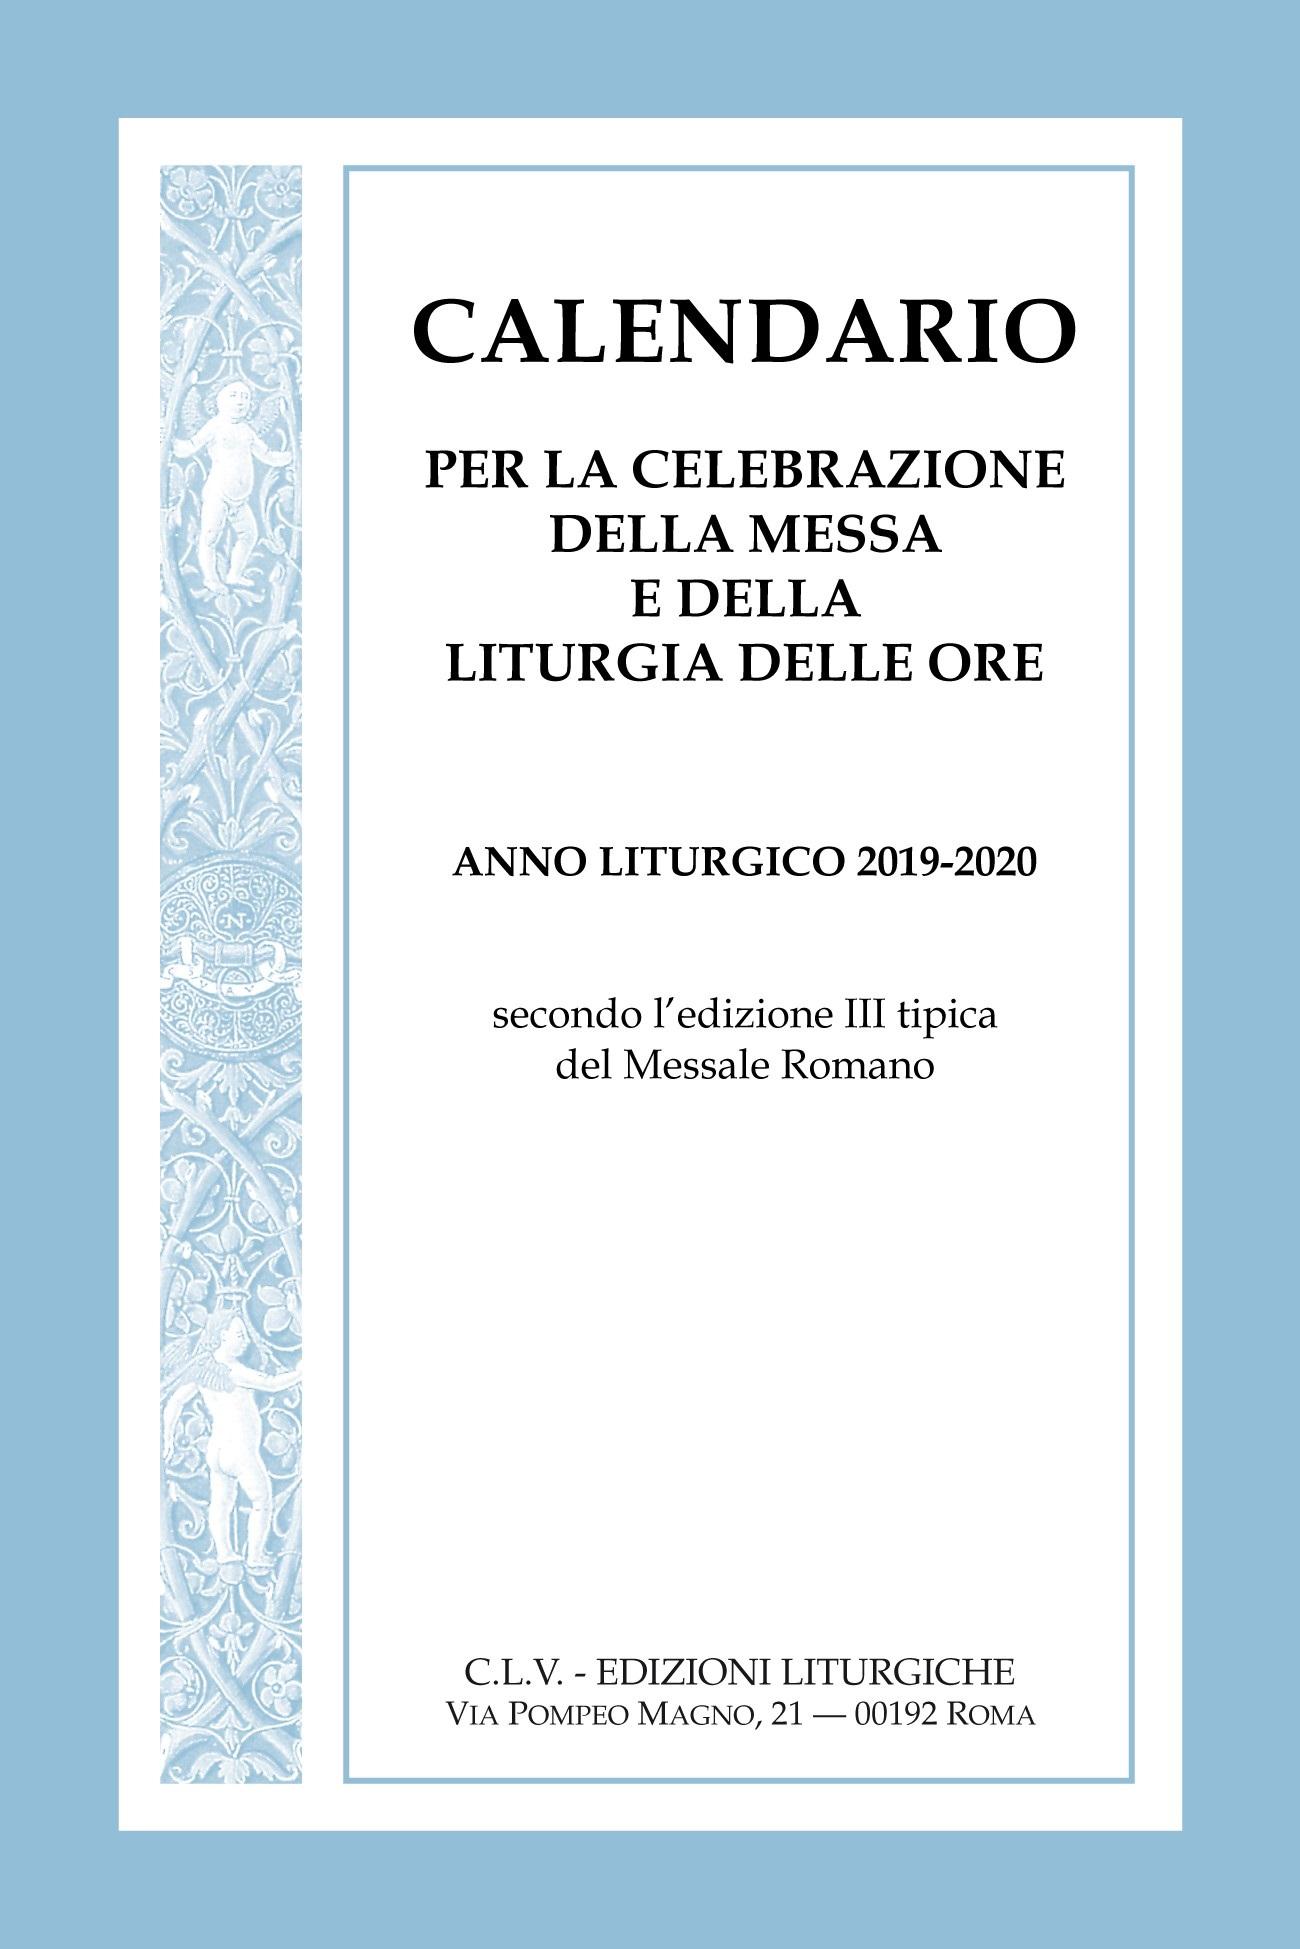 Anno Calendario 2020.Calendario Per La Celebrazione Della Messa E Della Liturgia